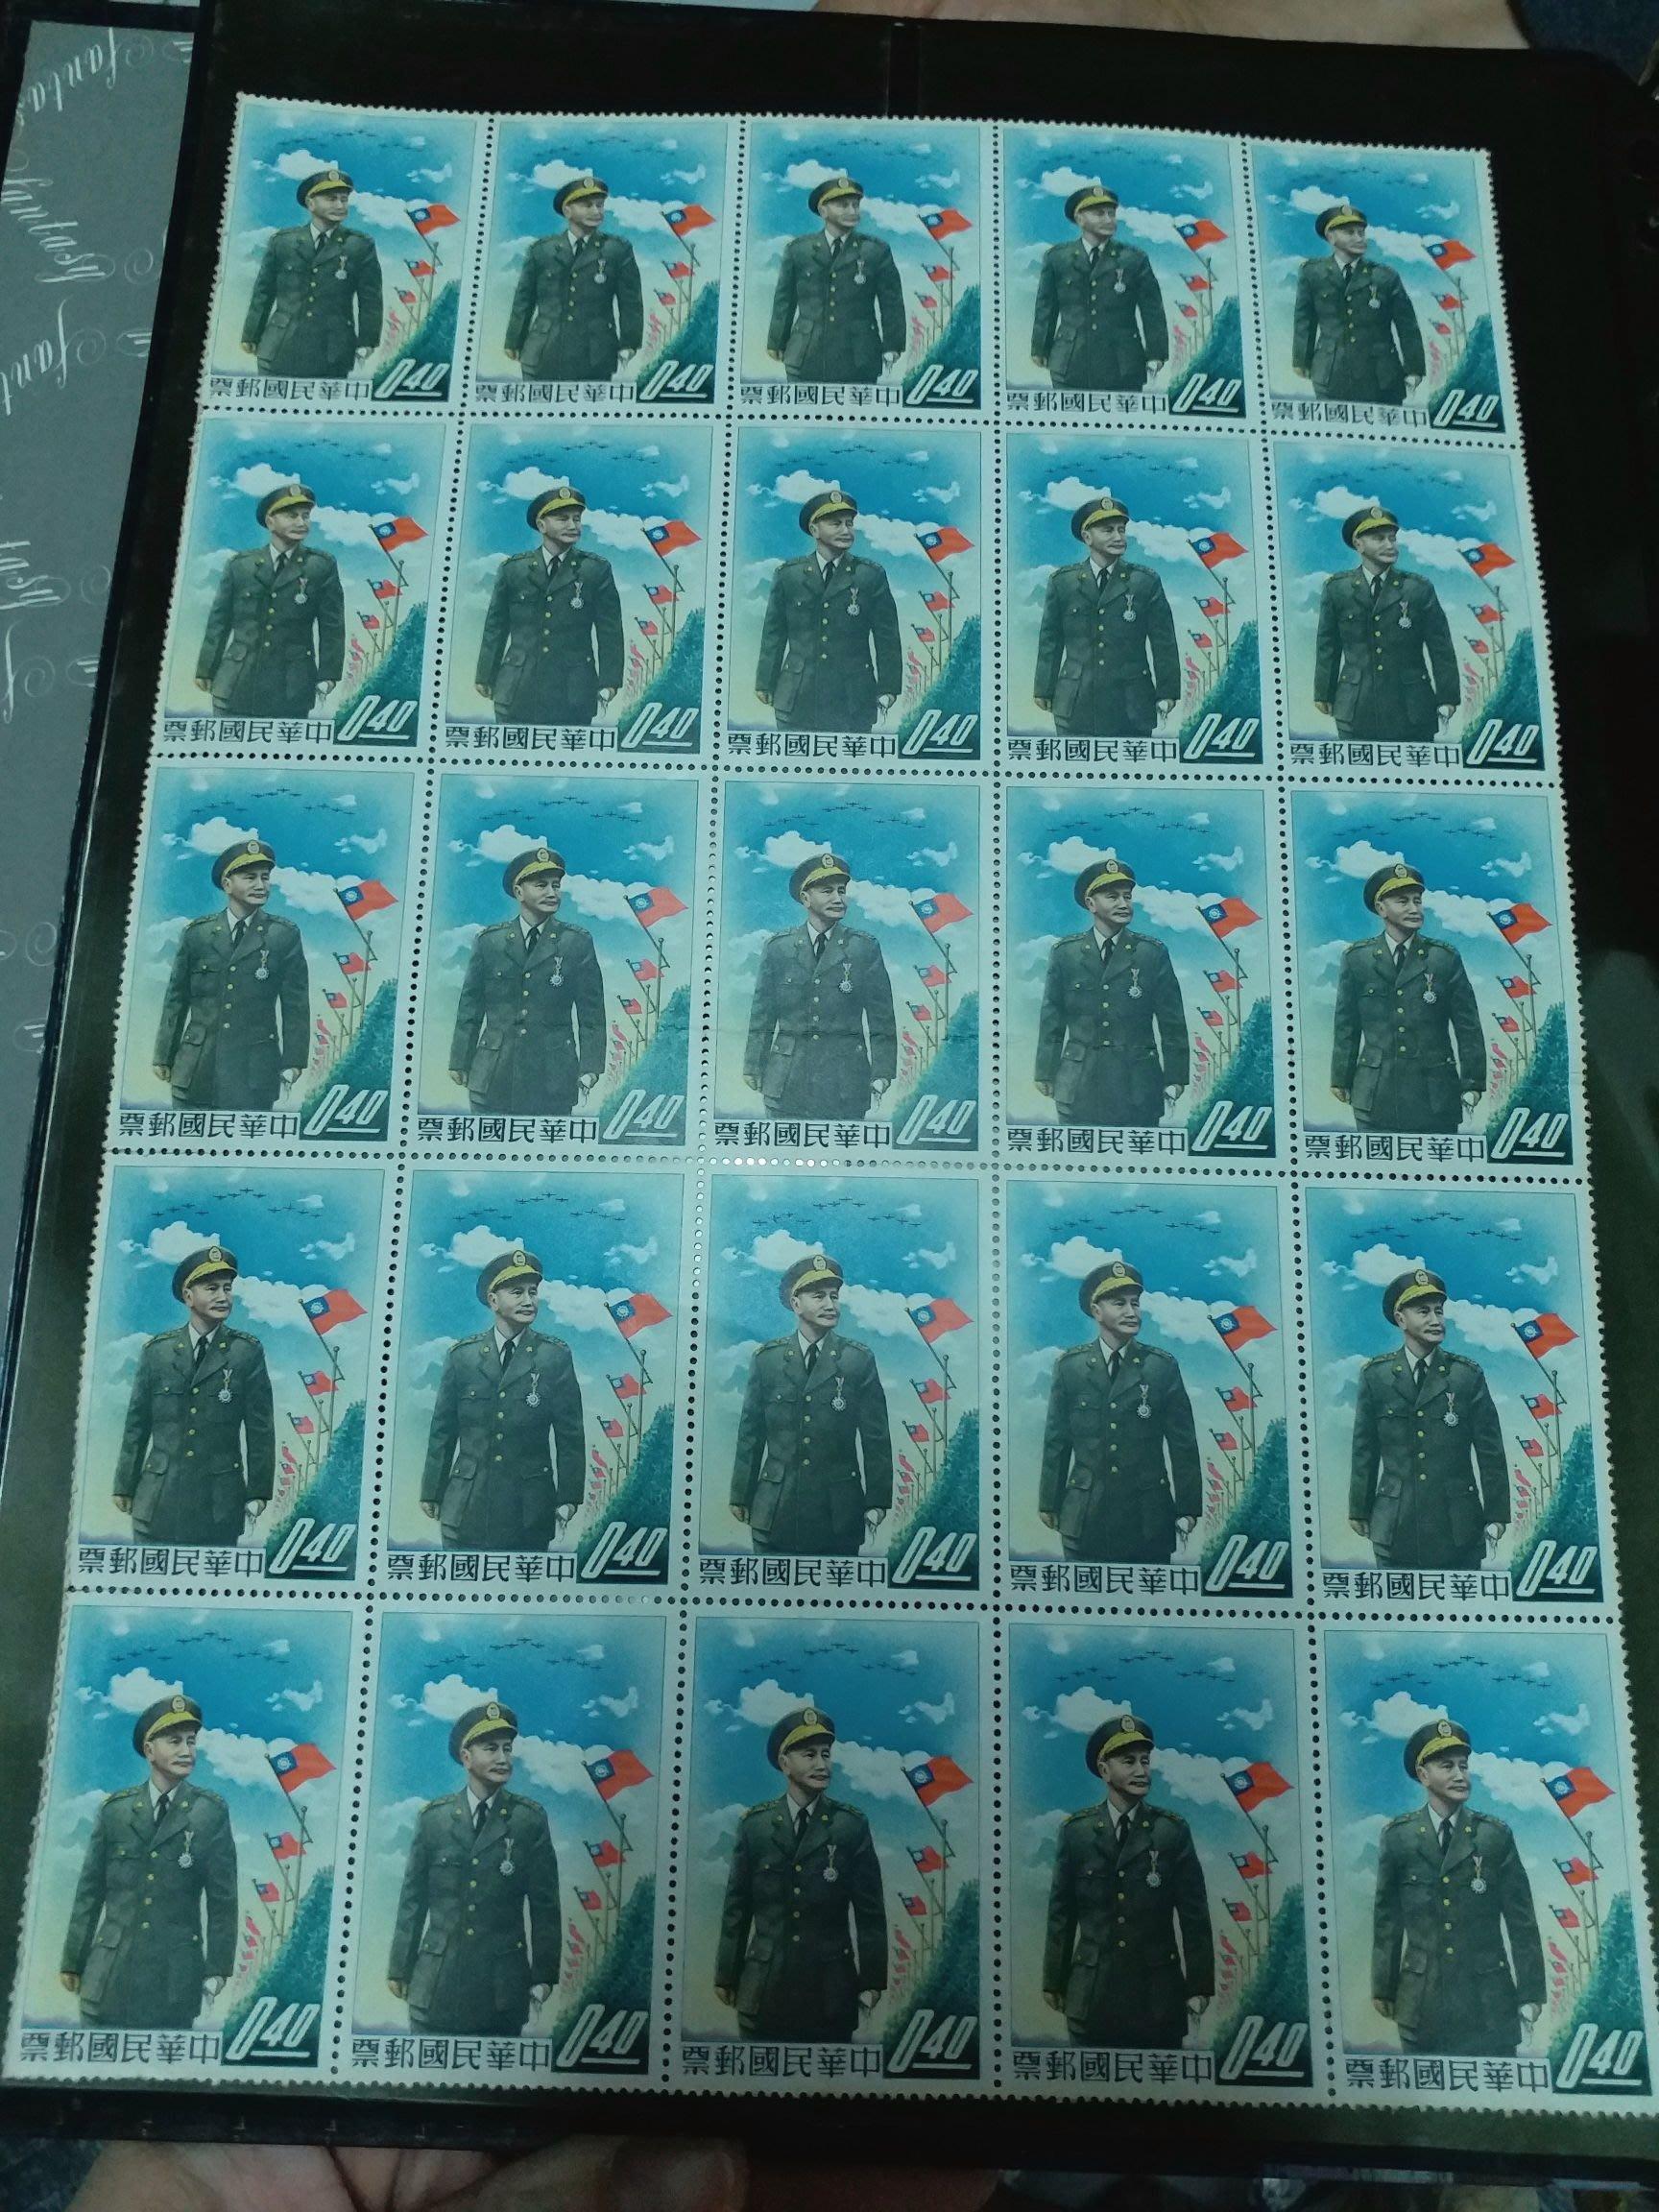 1958年郵票 蔣中正 蔣介石 蔣老總統 郵票